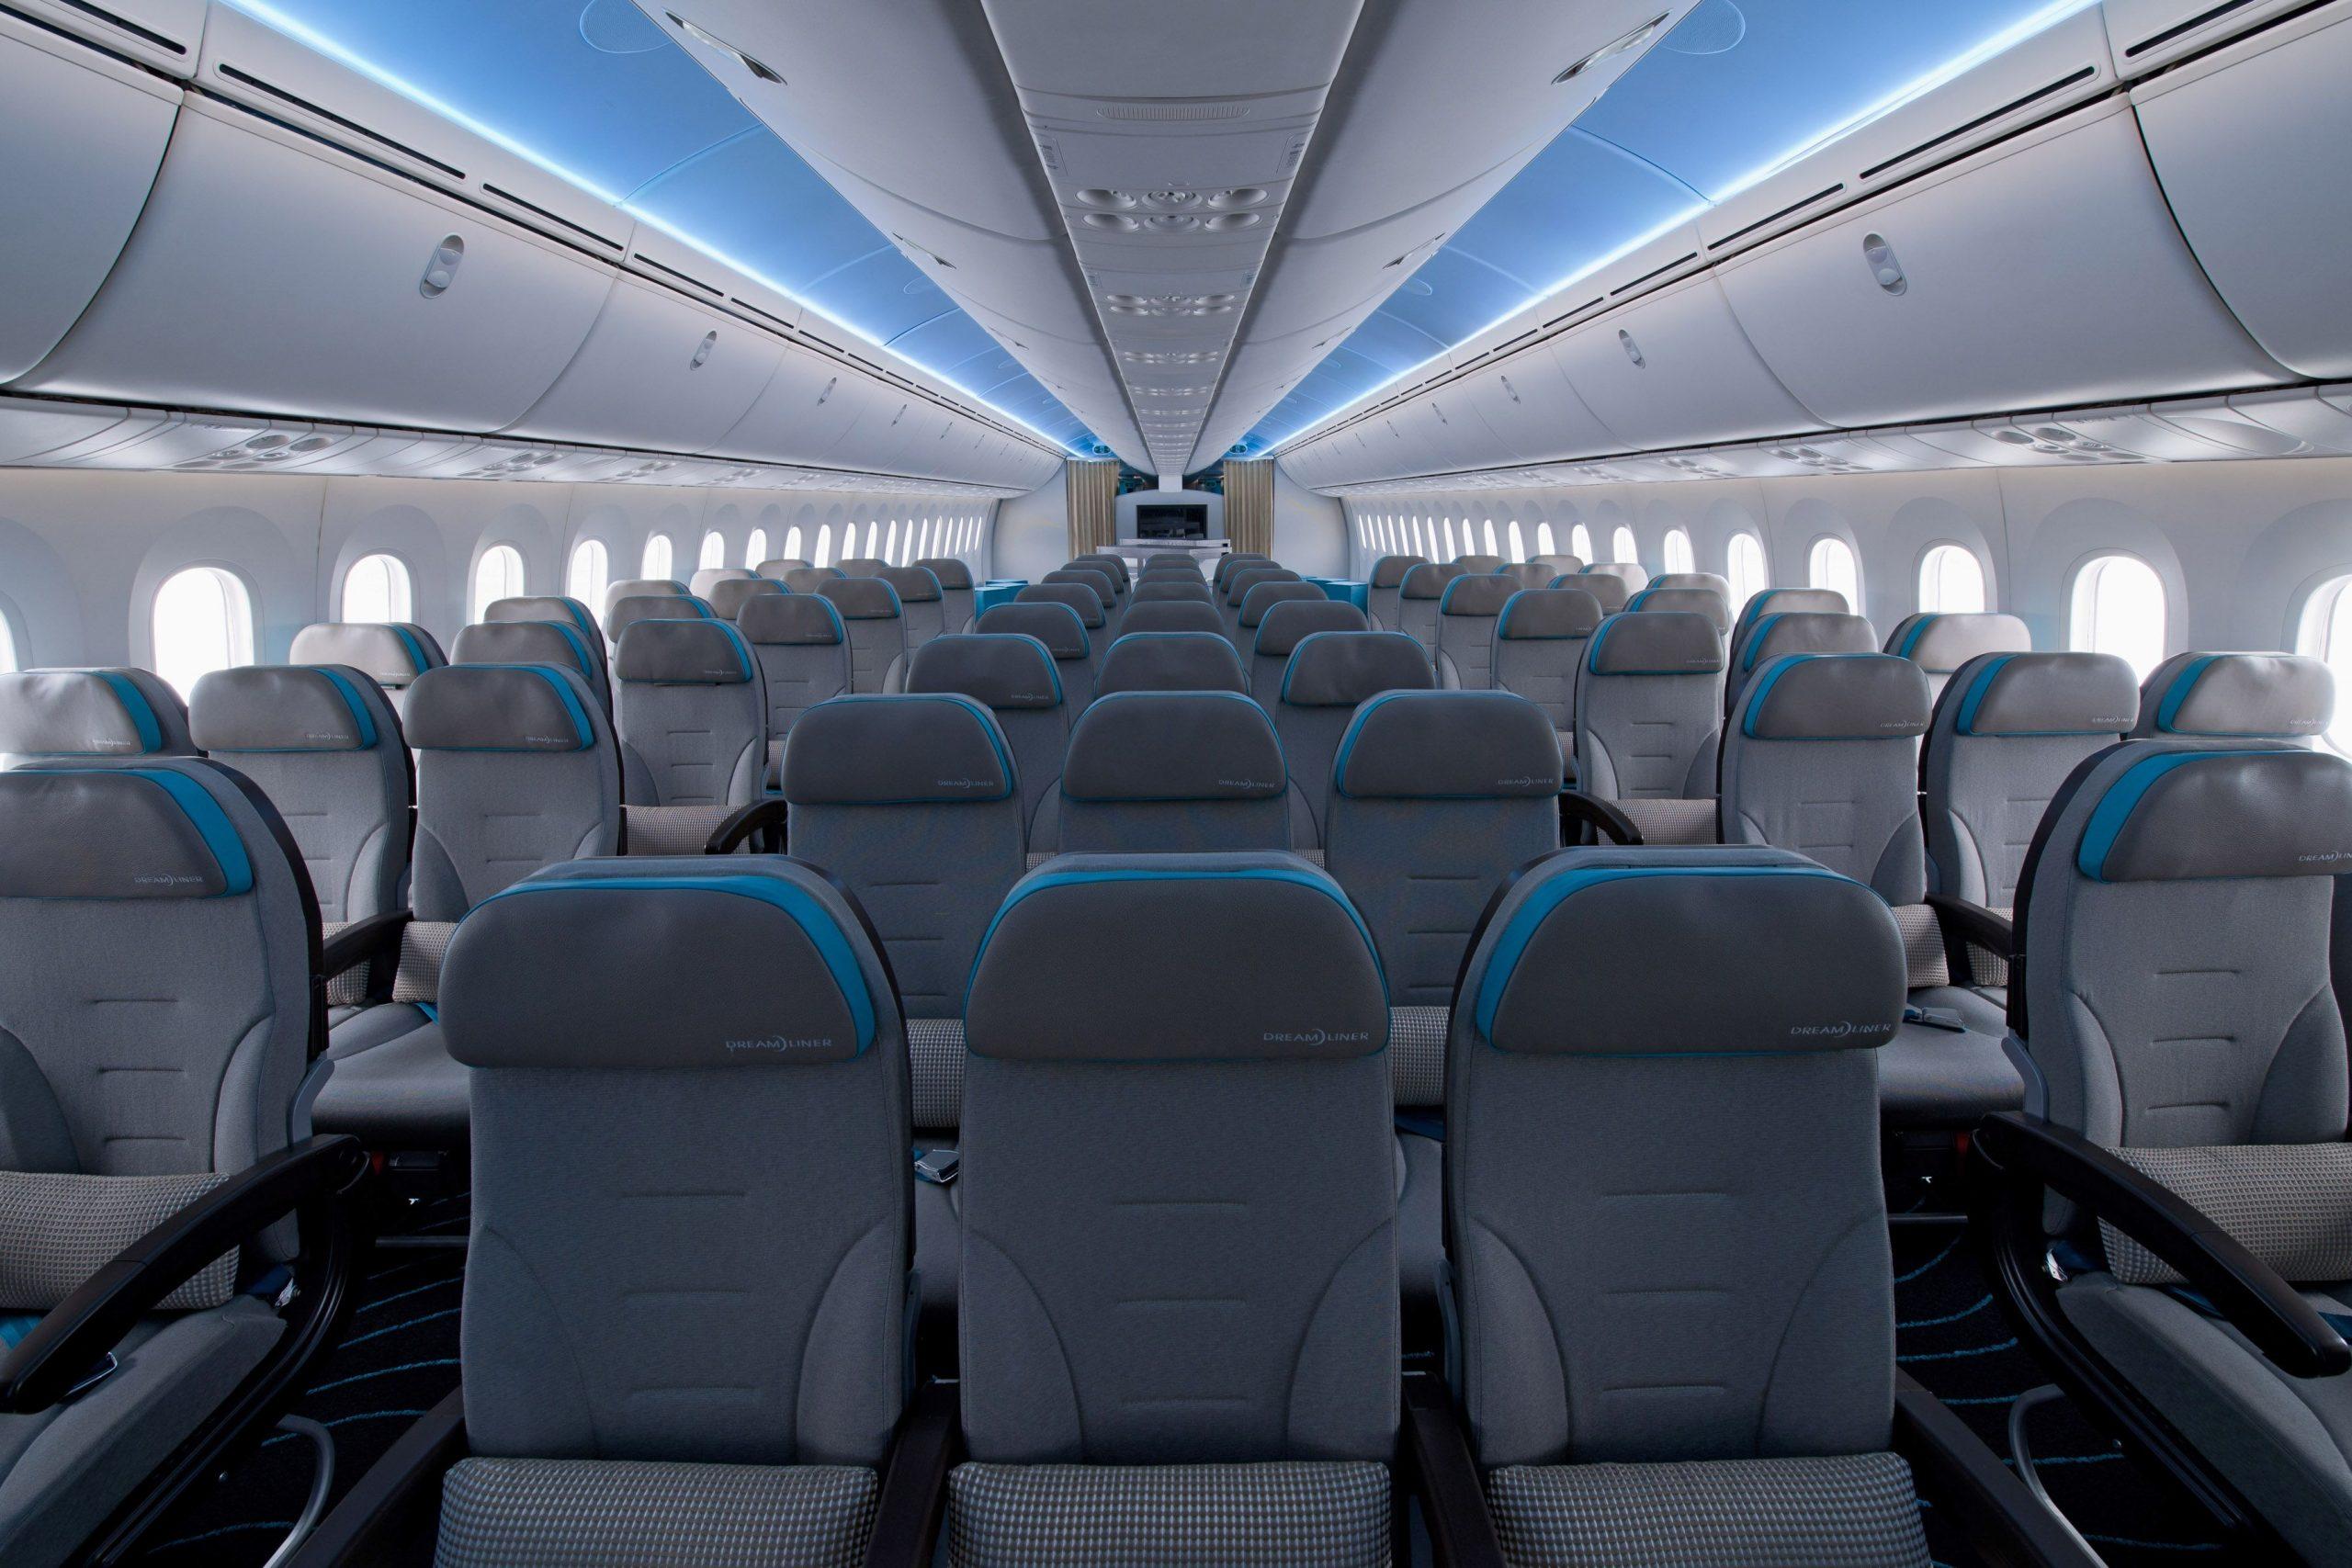 بلیط چارتری - سفر با هواپیما